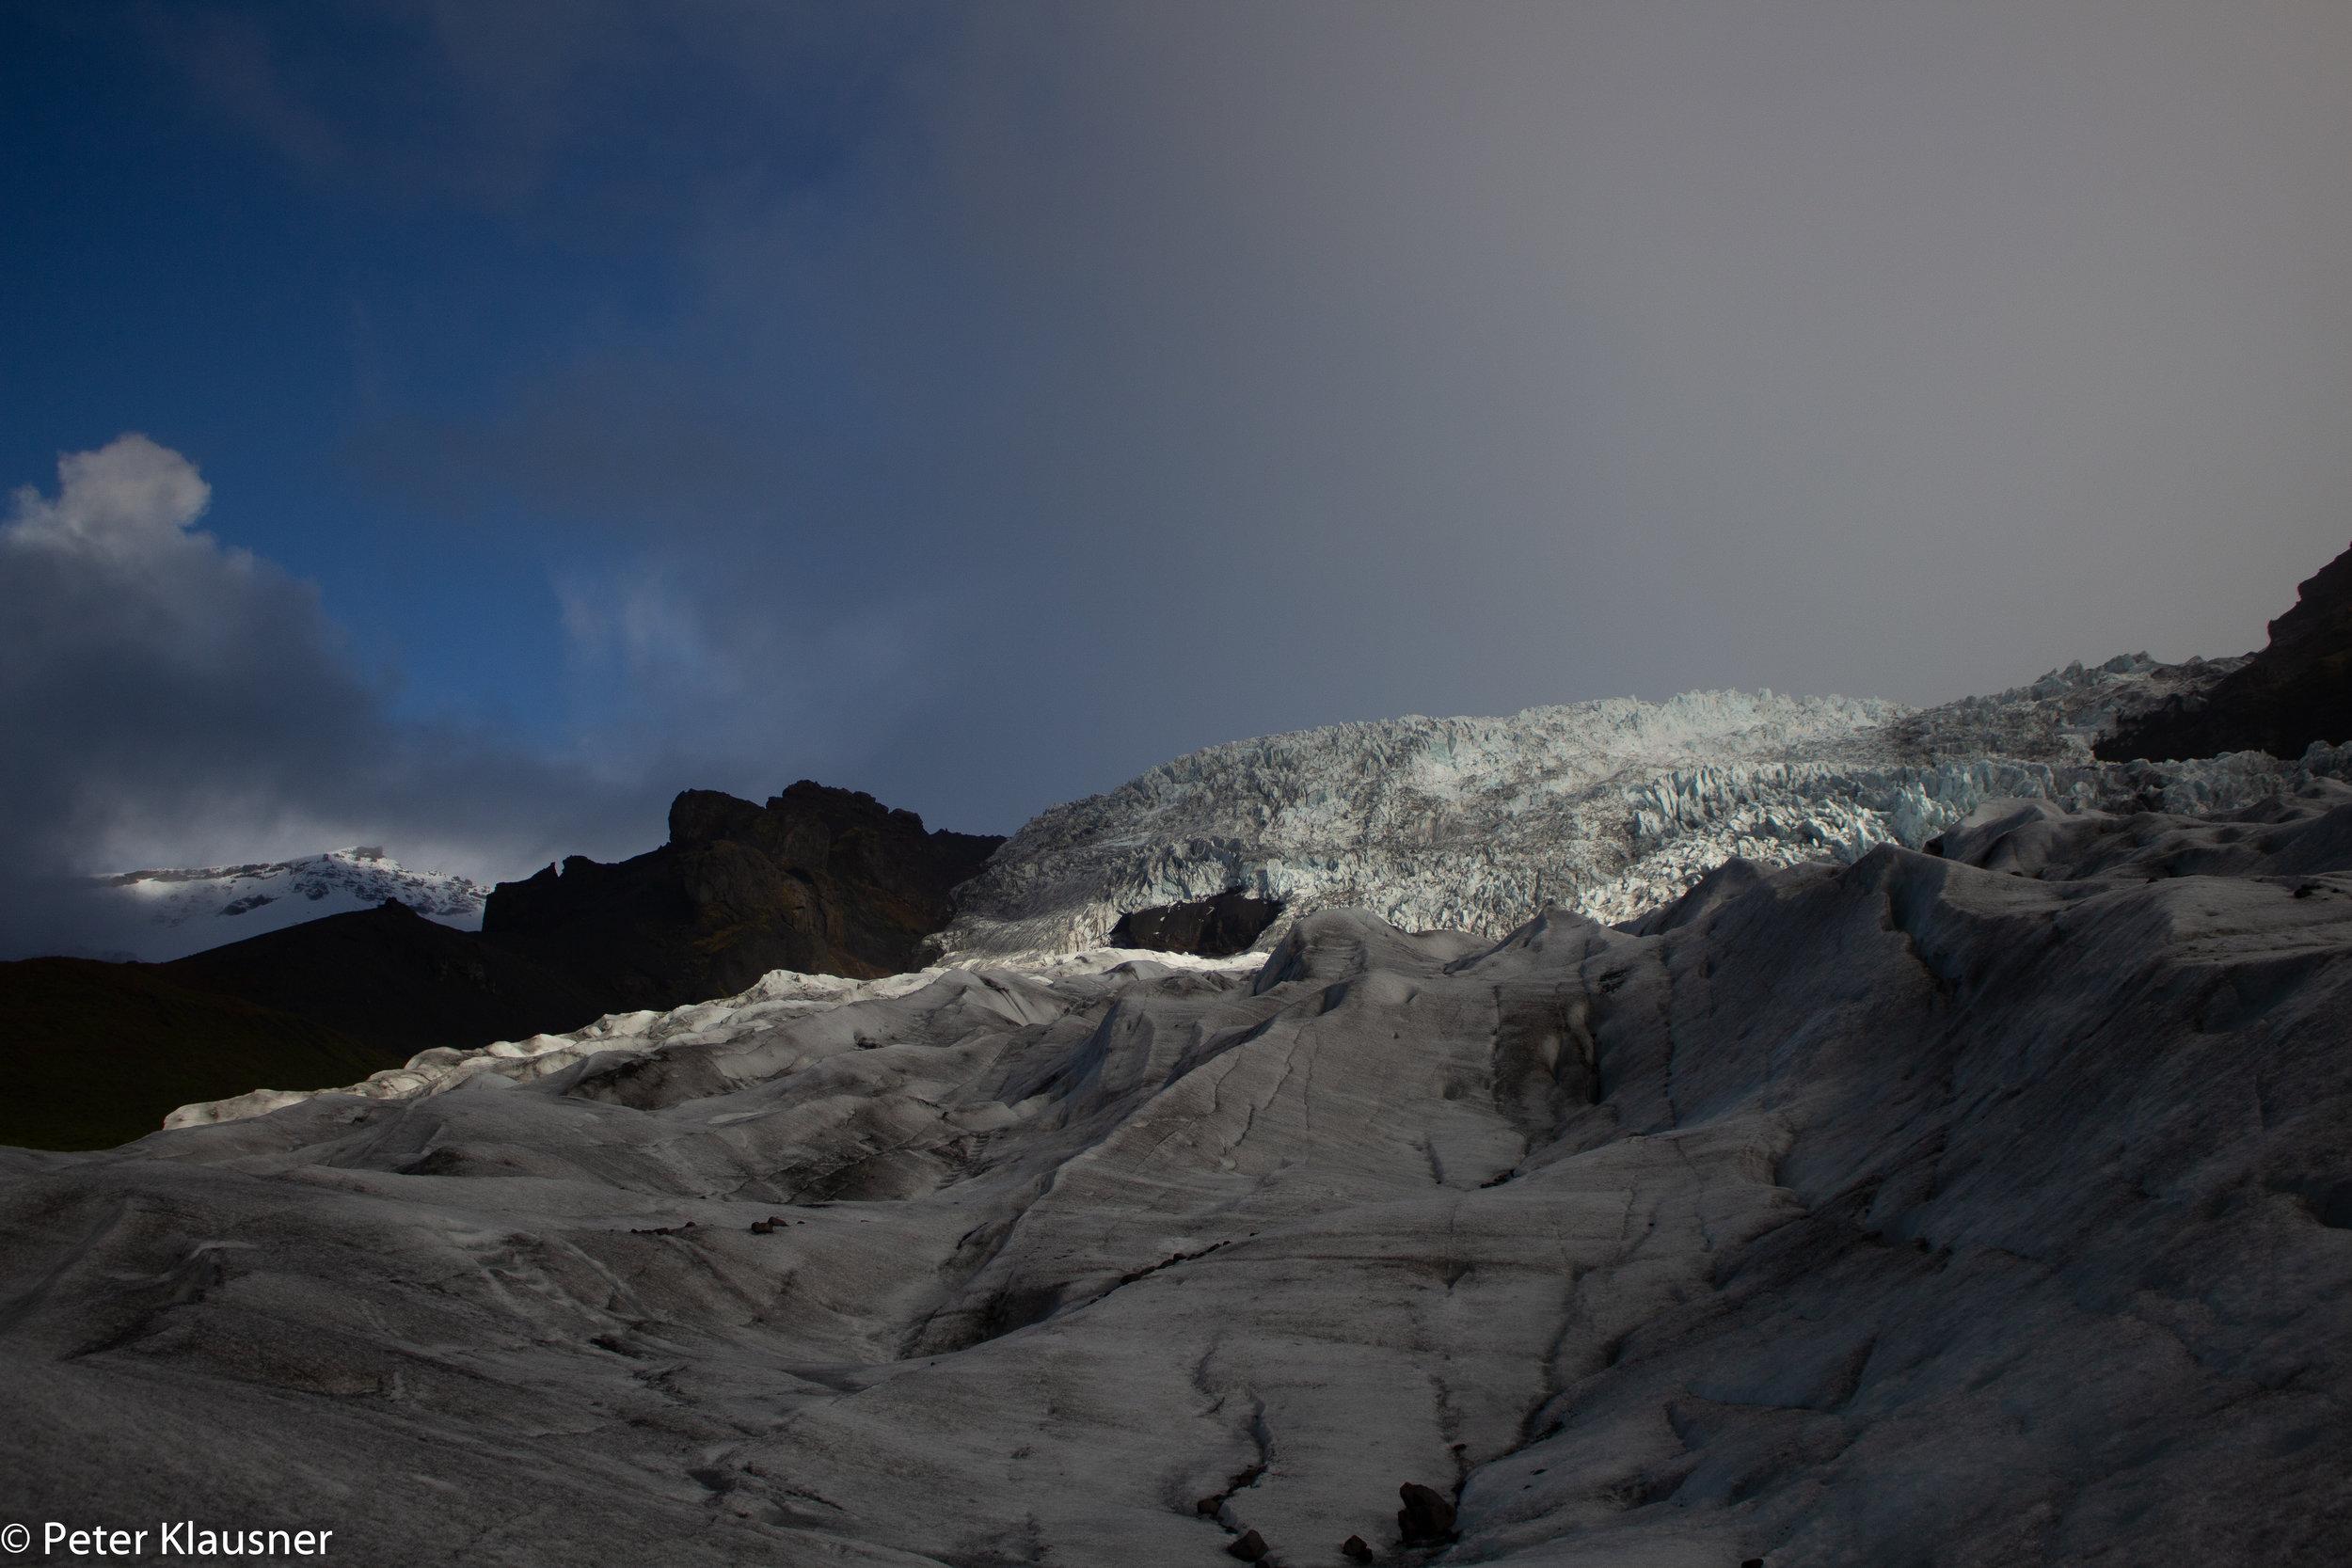 IcelandWebsite-30.jpg